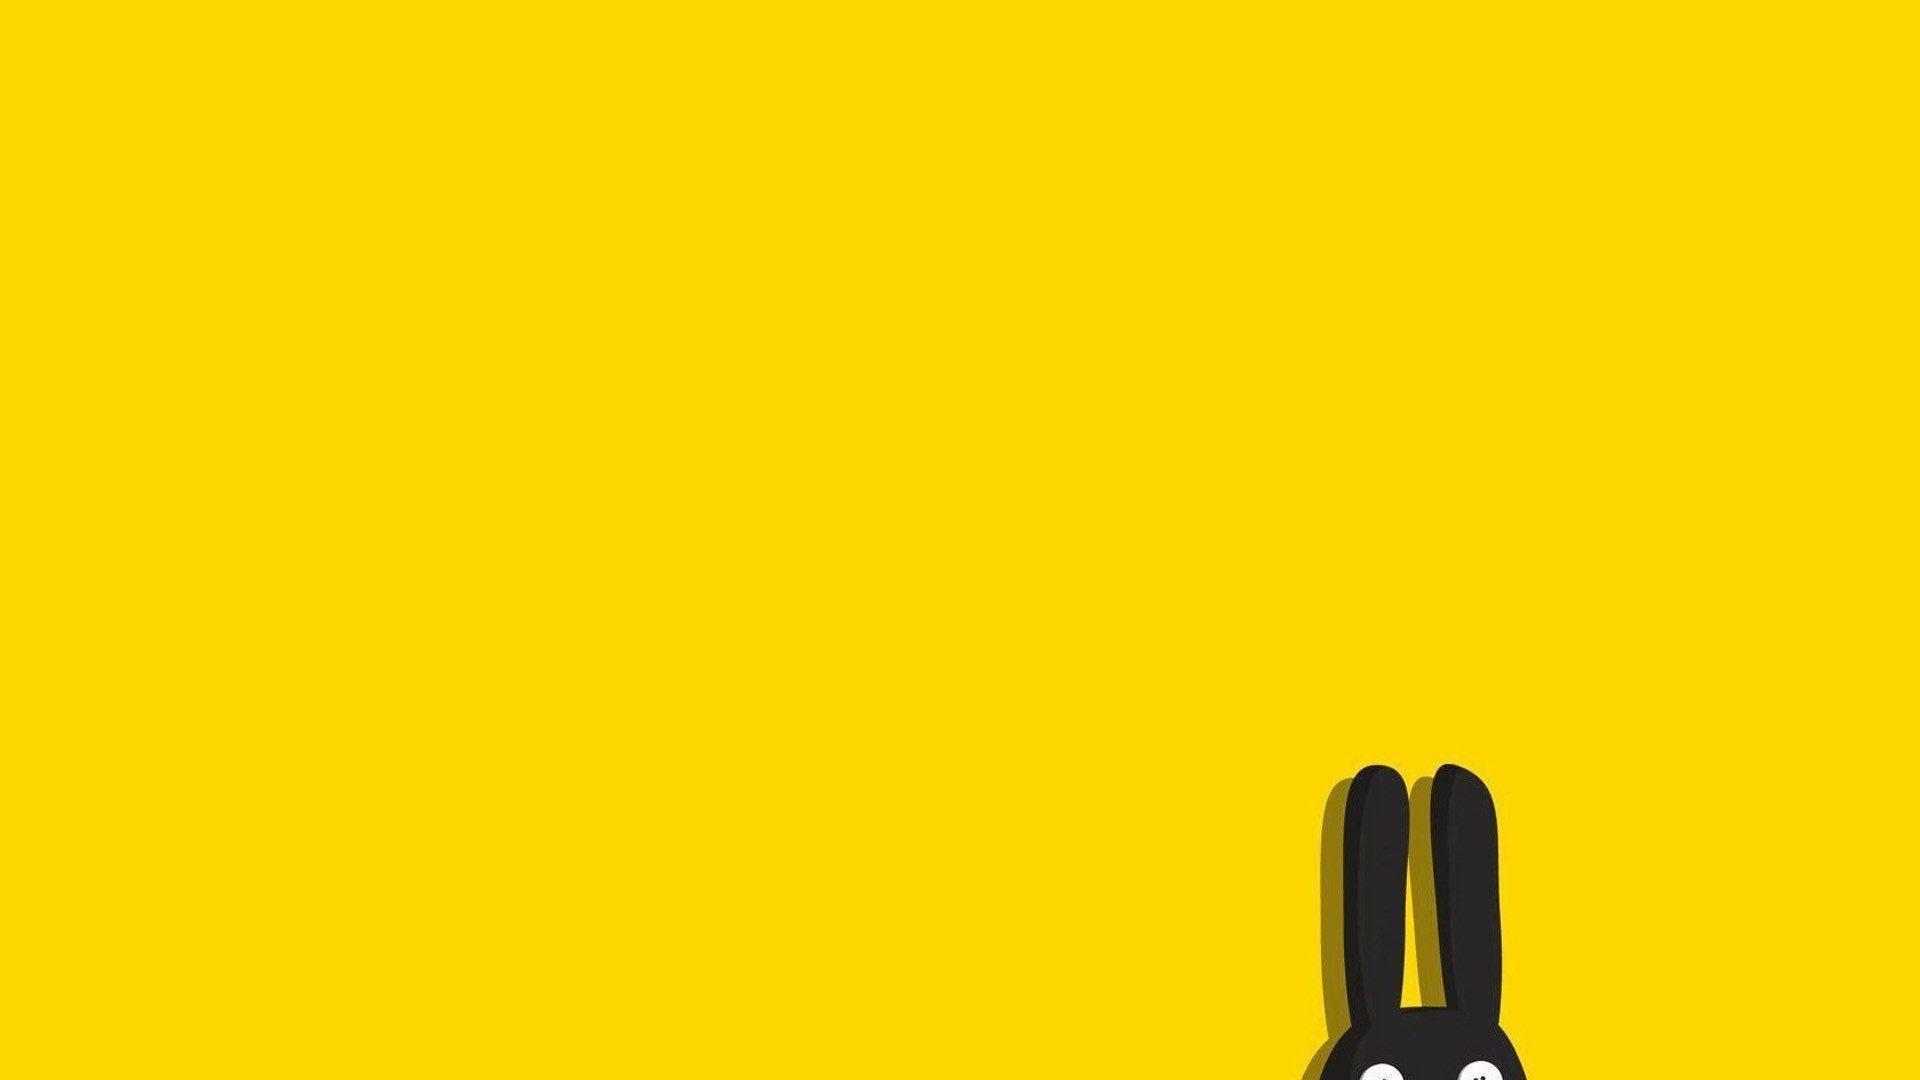 Kpop Yellow Aesthetic Desktop Wallpapers Top Free Kpop Yellow Aesthetic Desktop Backgrounds Wallpaperaccess